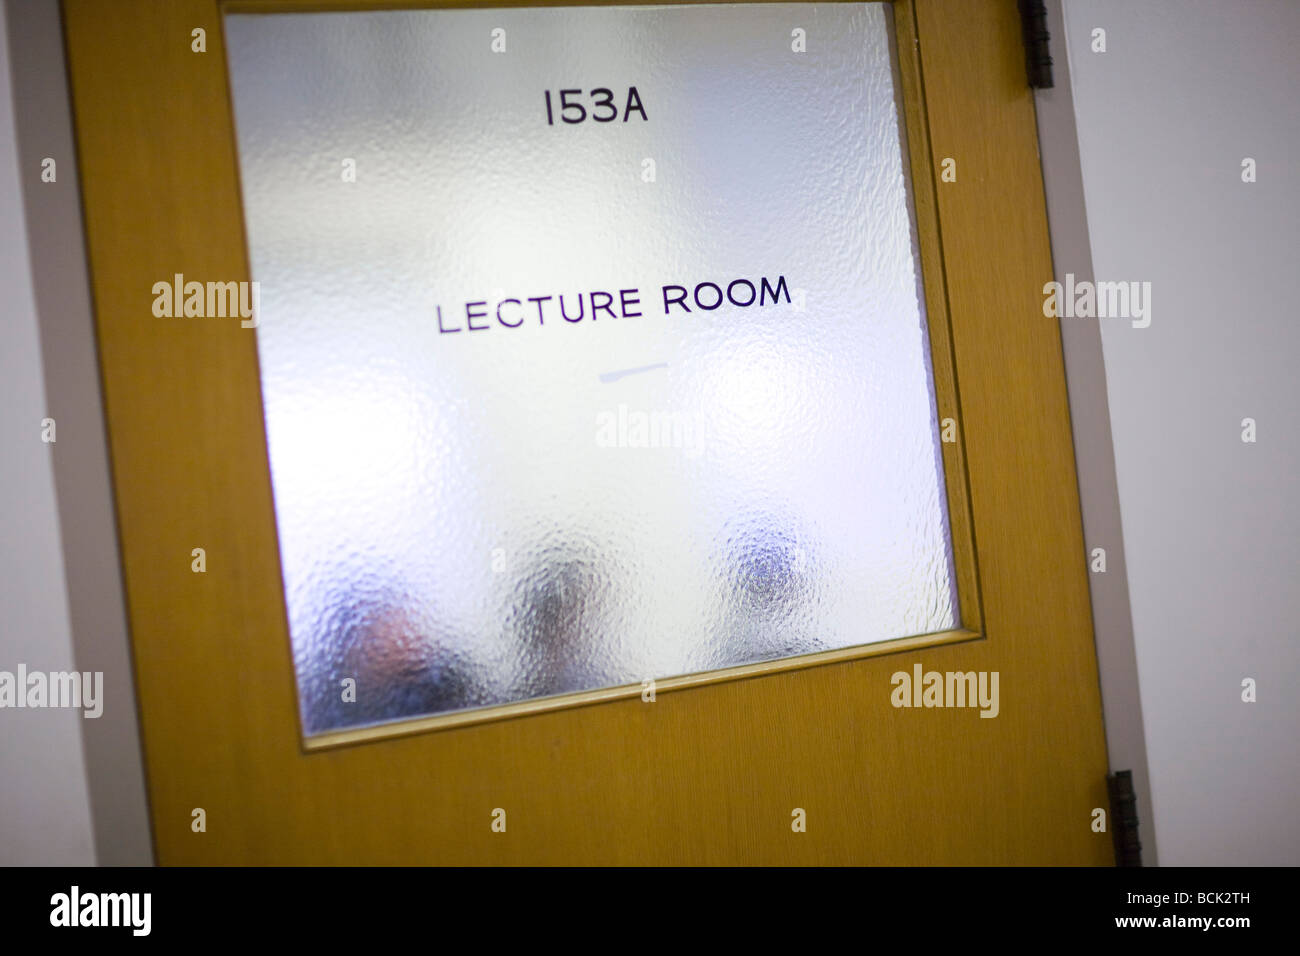 Porte d'une salle de cours à l'université Photo Stock